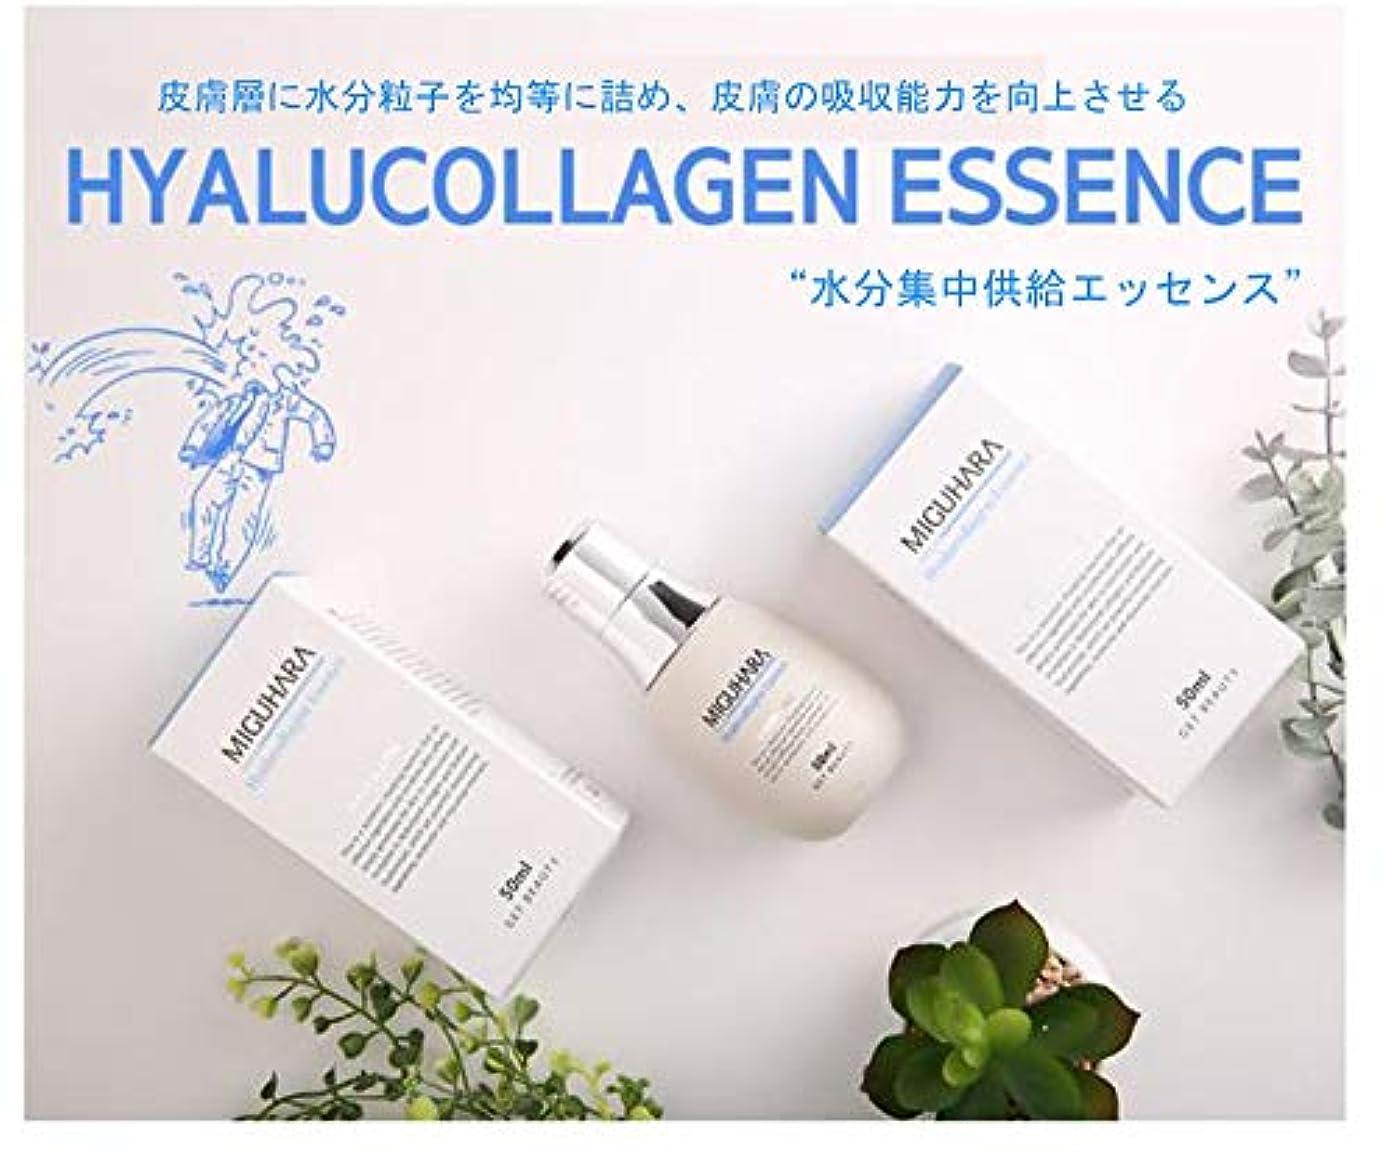 ストレッチきらきらきちんとしたMIGUHARA Hyalucollagen Essence 50ml /ヒアルロンコラーゲンエッセンス 50ml